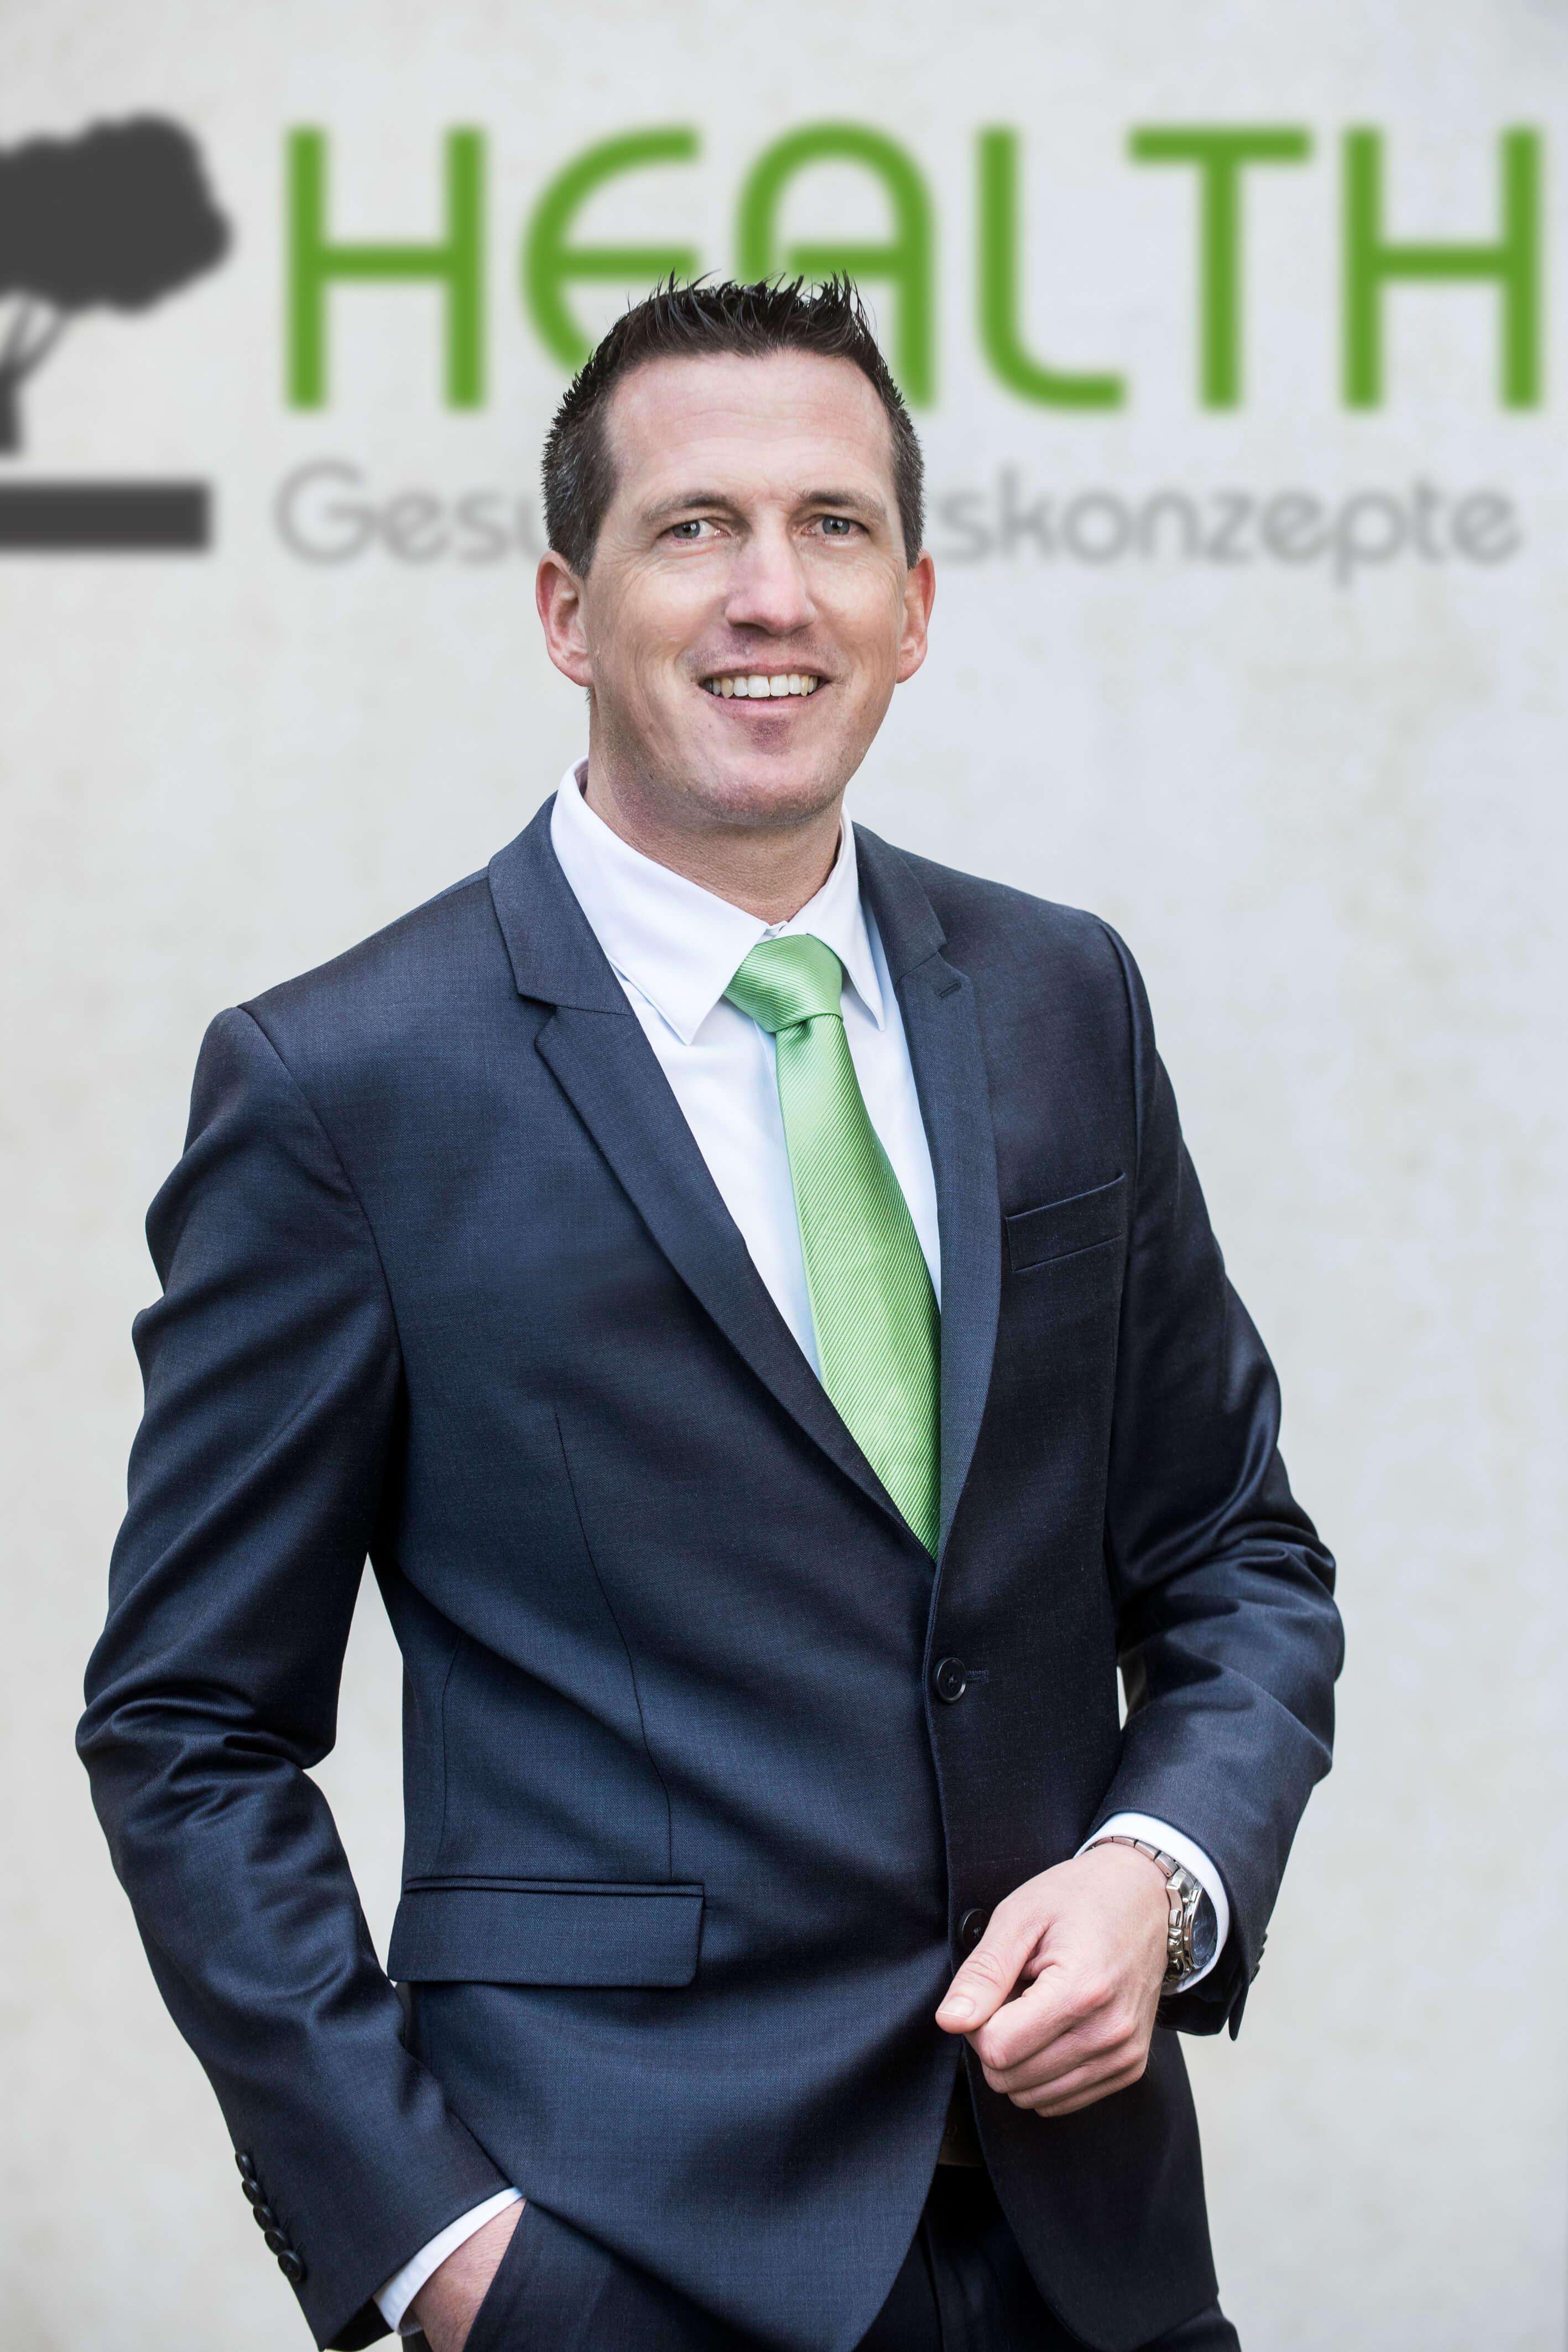 Marco Scherbaum